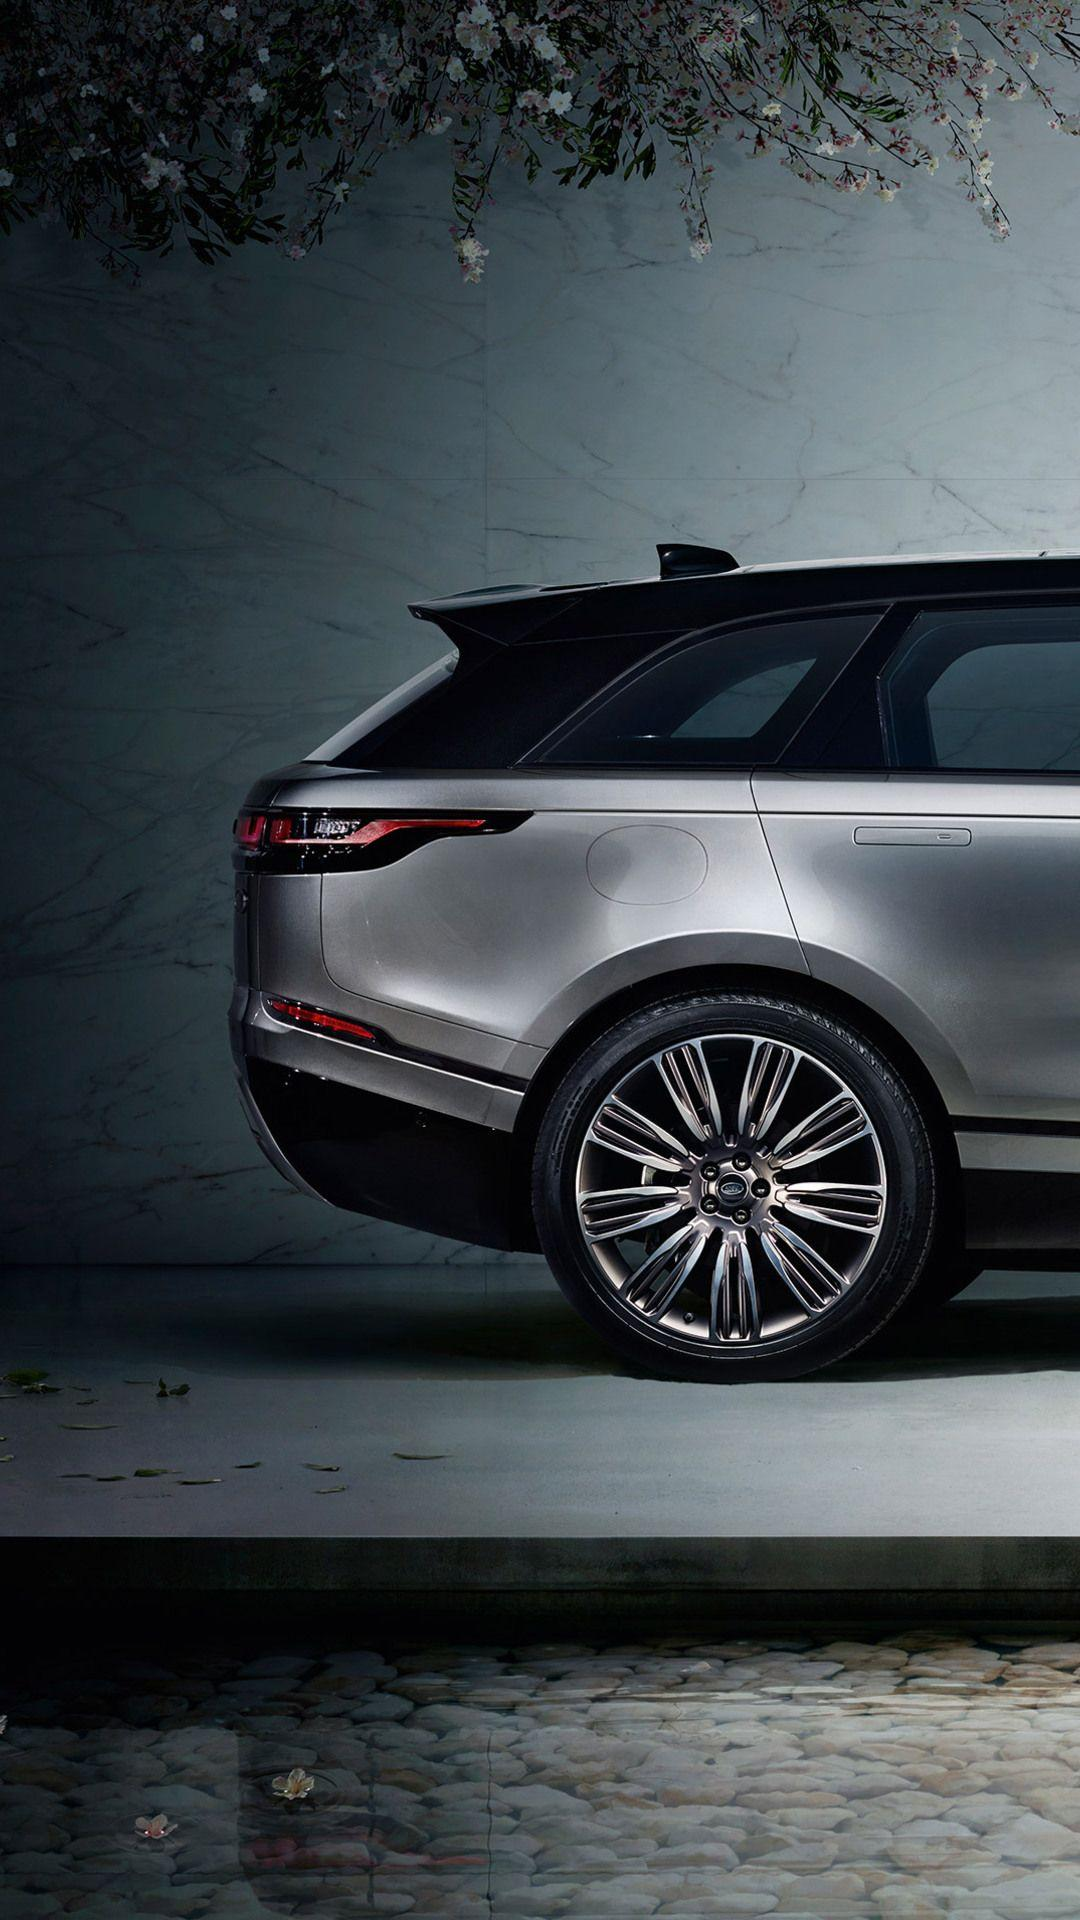 Download Range Rover Velar HD 4k Wallpapers In 1080x1920 Screen .